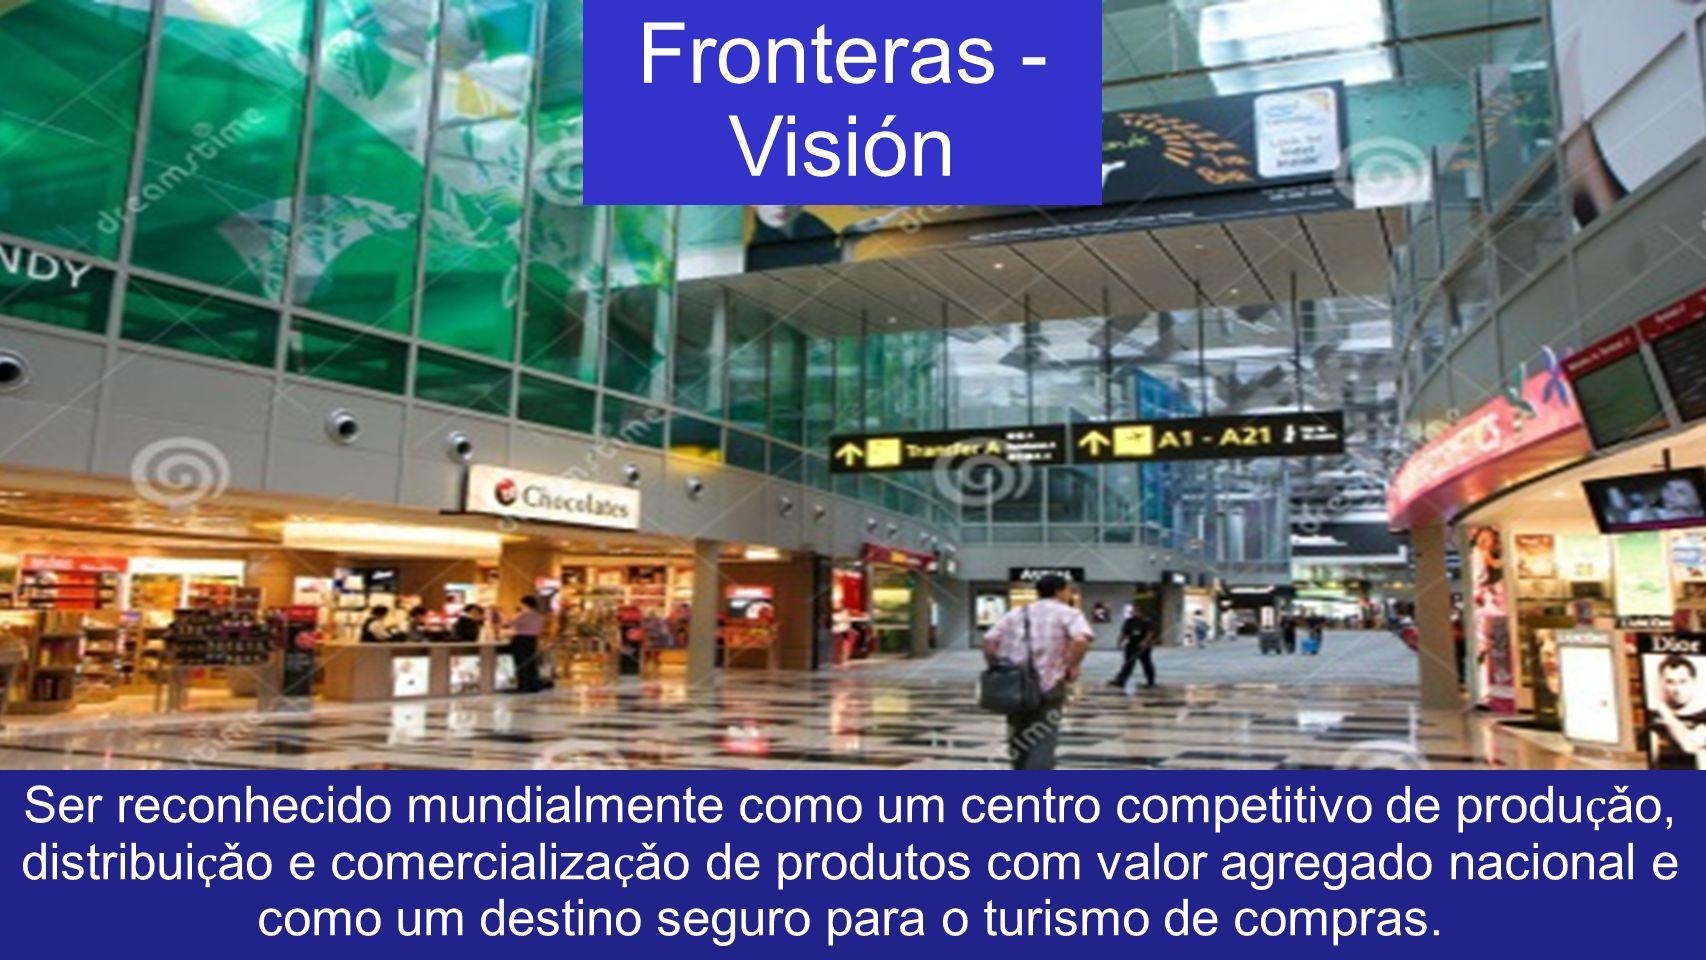 Fronteras - Visión Ser reconhecido mundialmente como um centro competitivo de produ ҫ ǎo, distribui ҫ ǎo e comercializa ҫ ǎo de produtos com valor agr